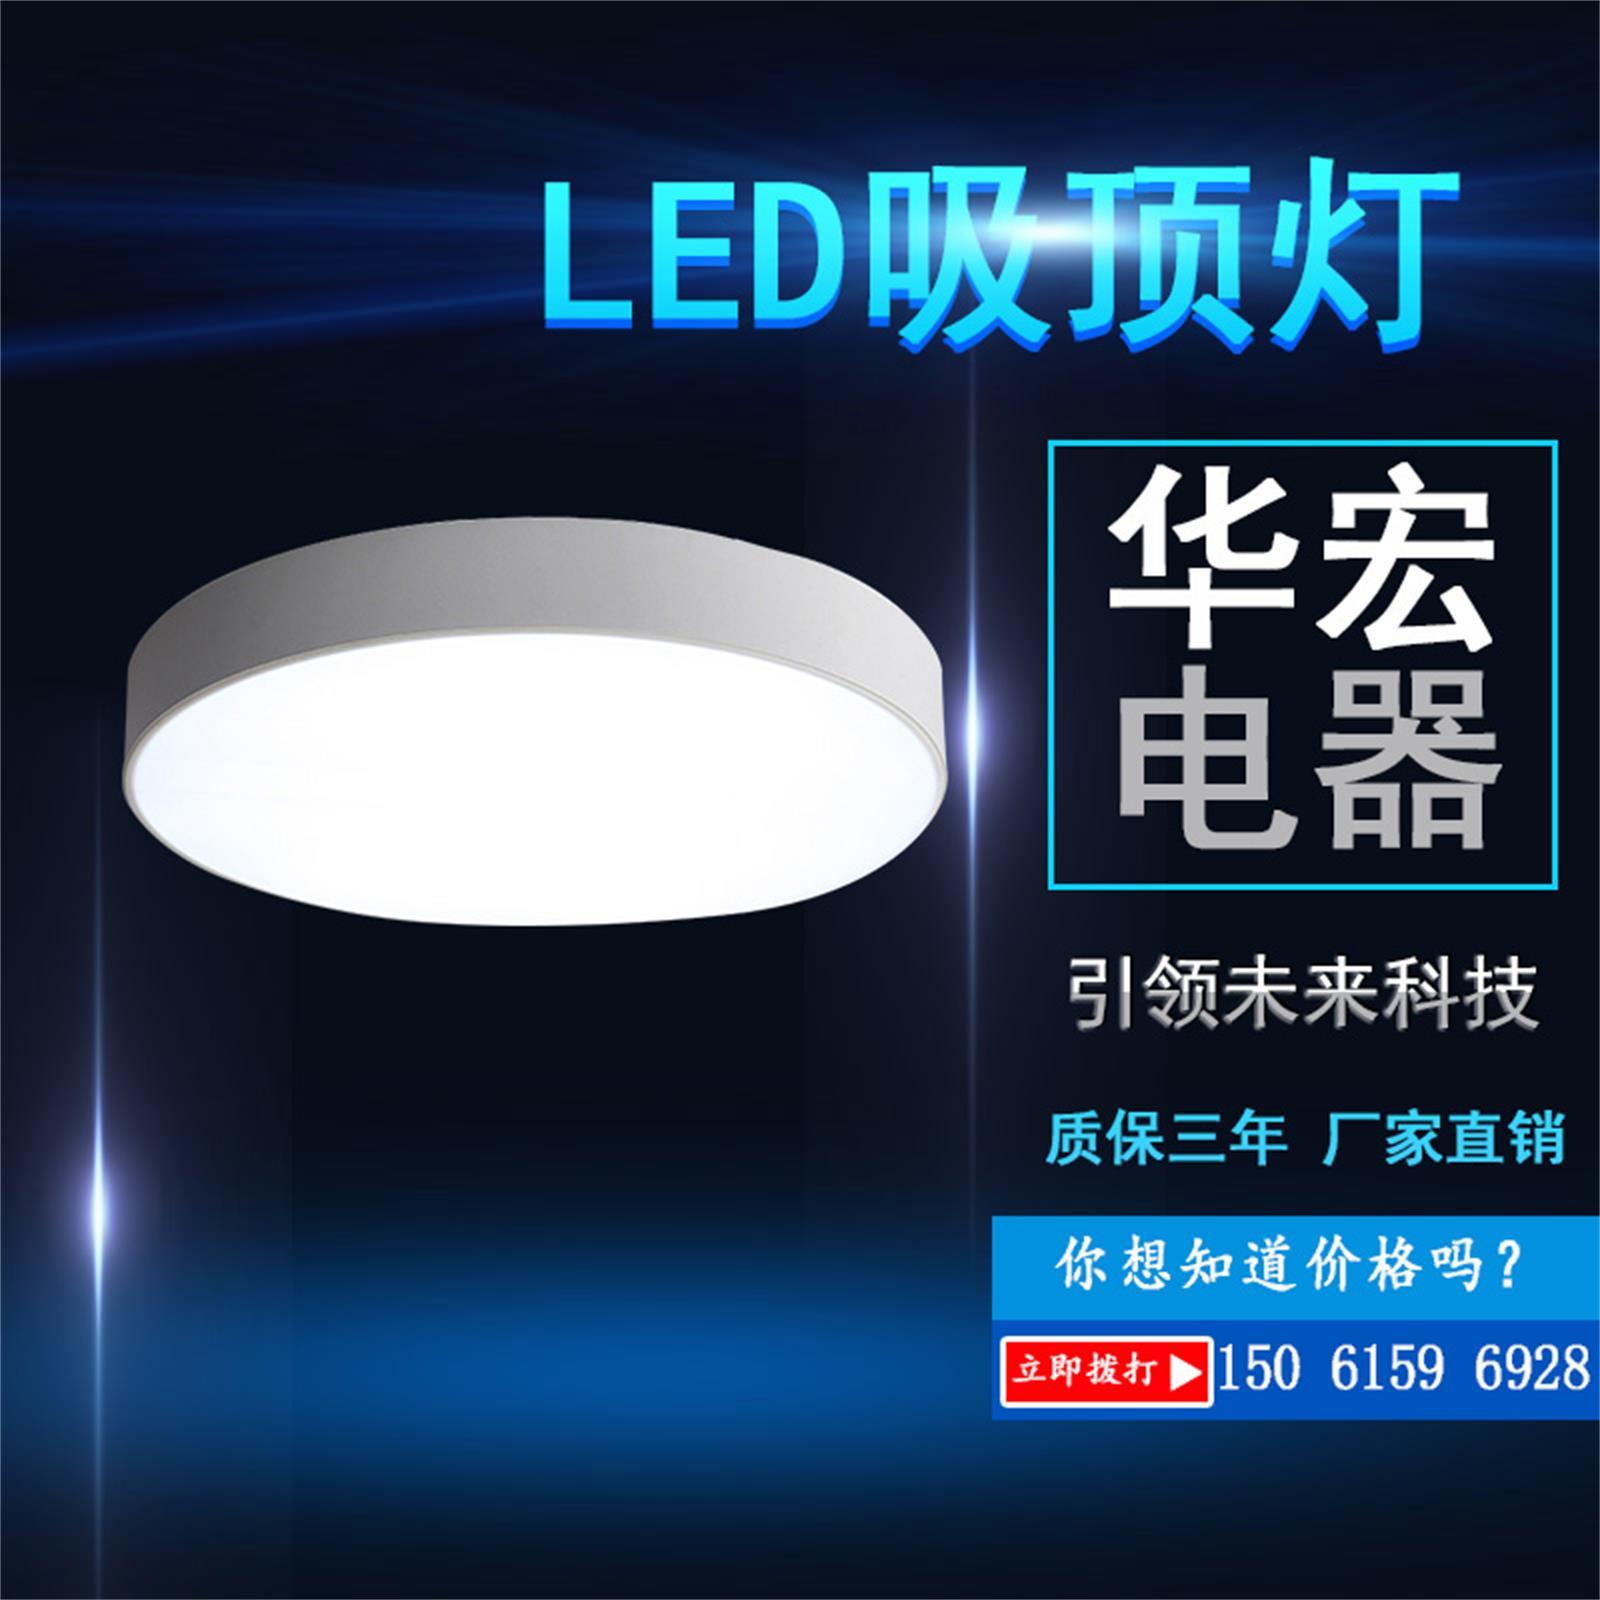 NFC9134 LED低顶灯NFC988 圆形LED吸顶灯